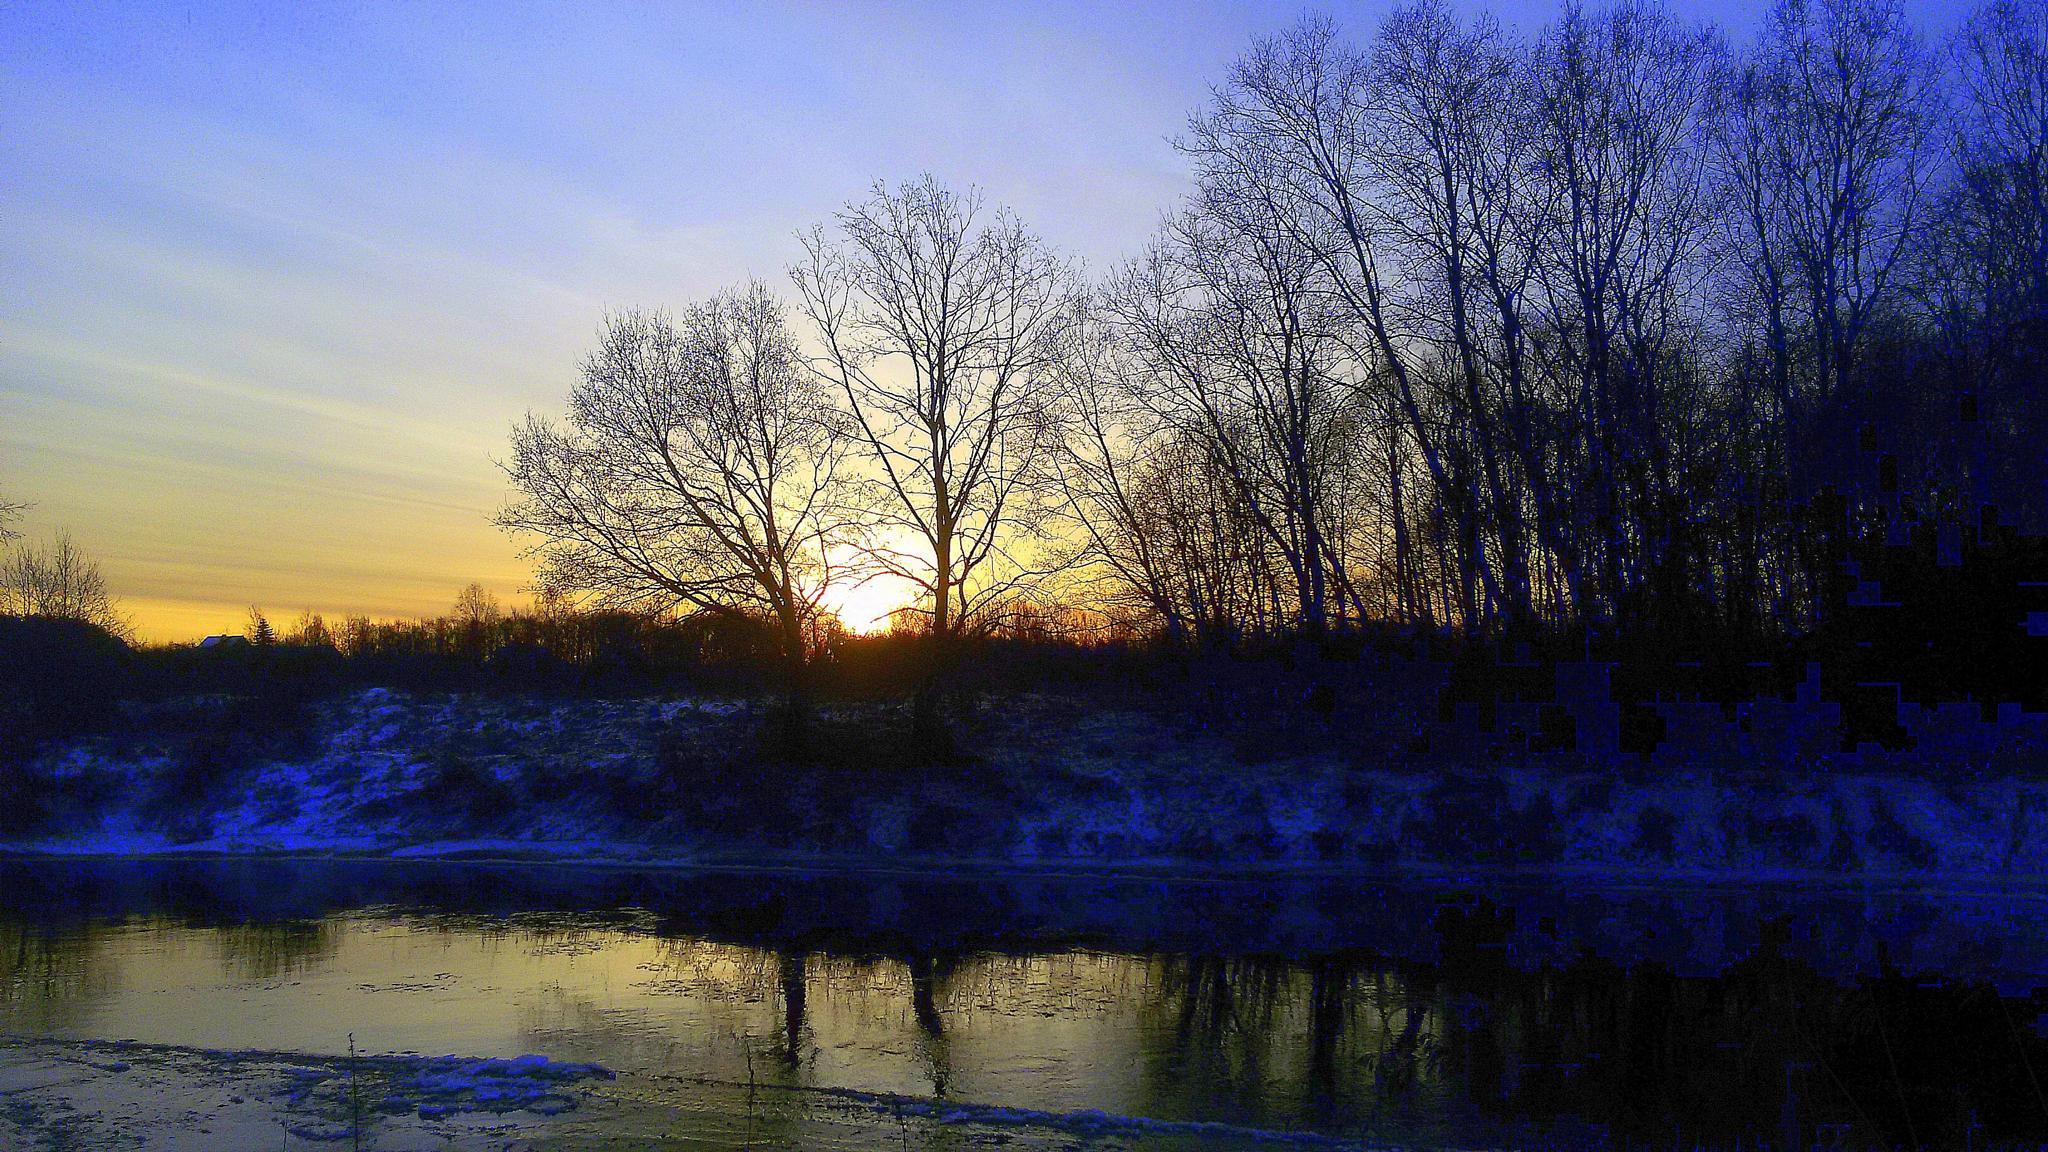 Winter morning by Zita Užkuraitienė